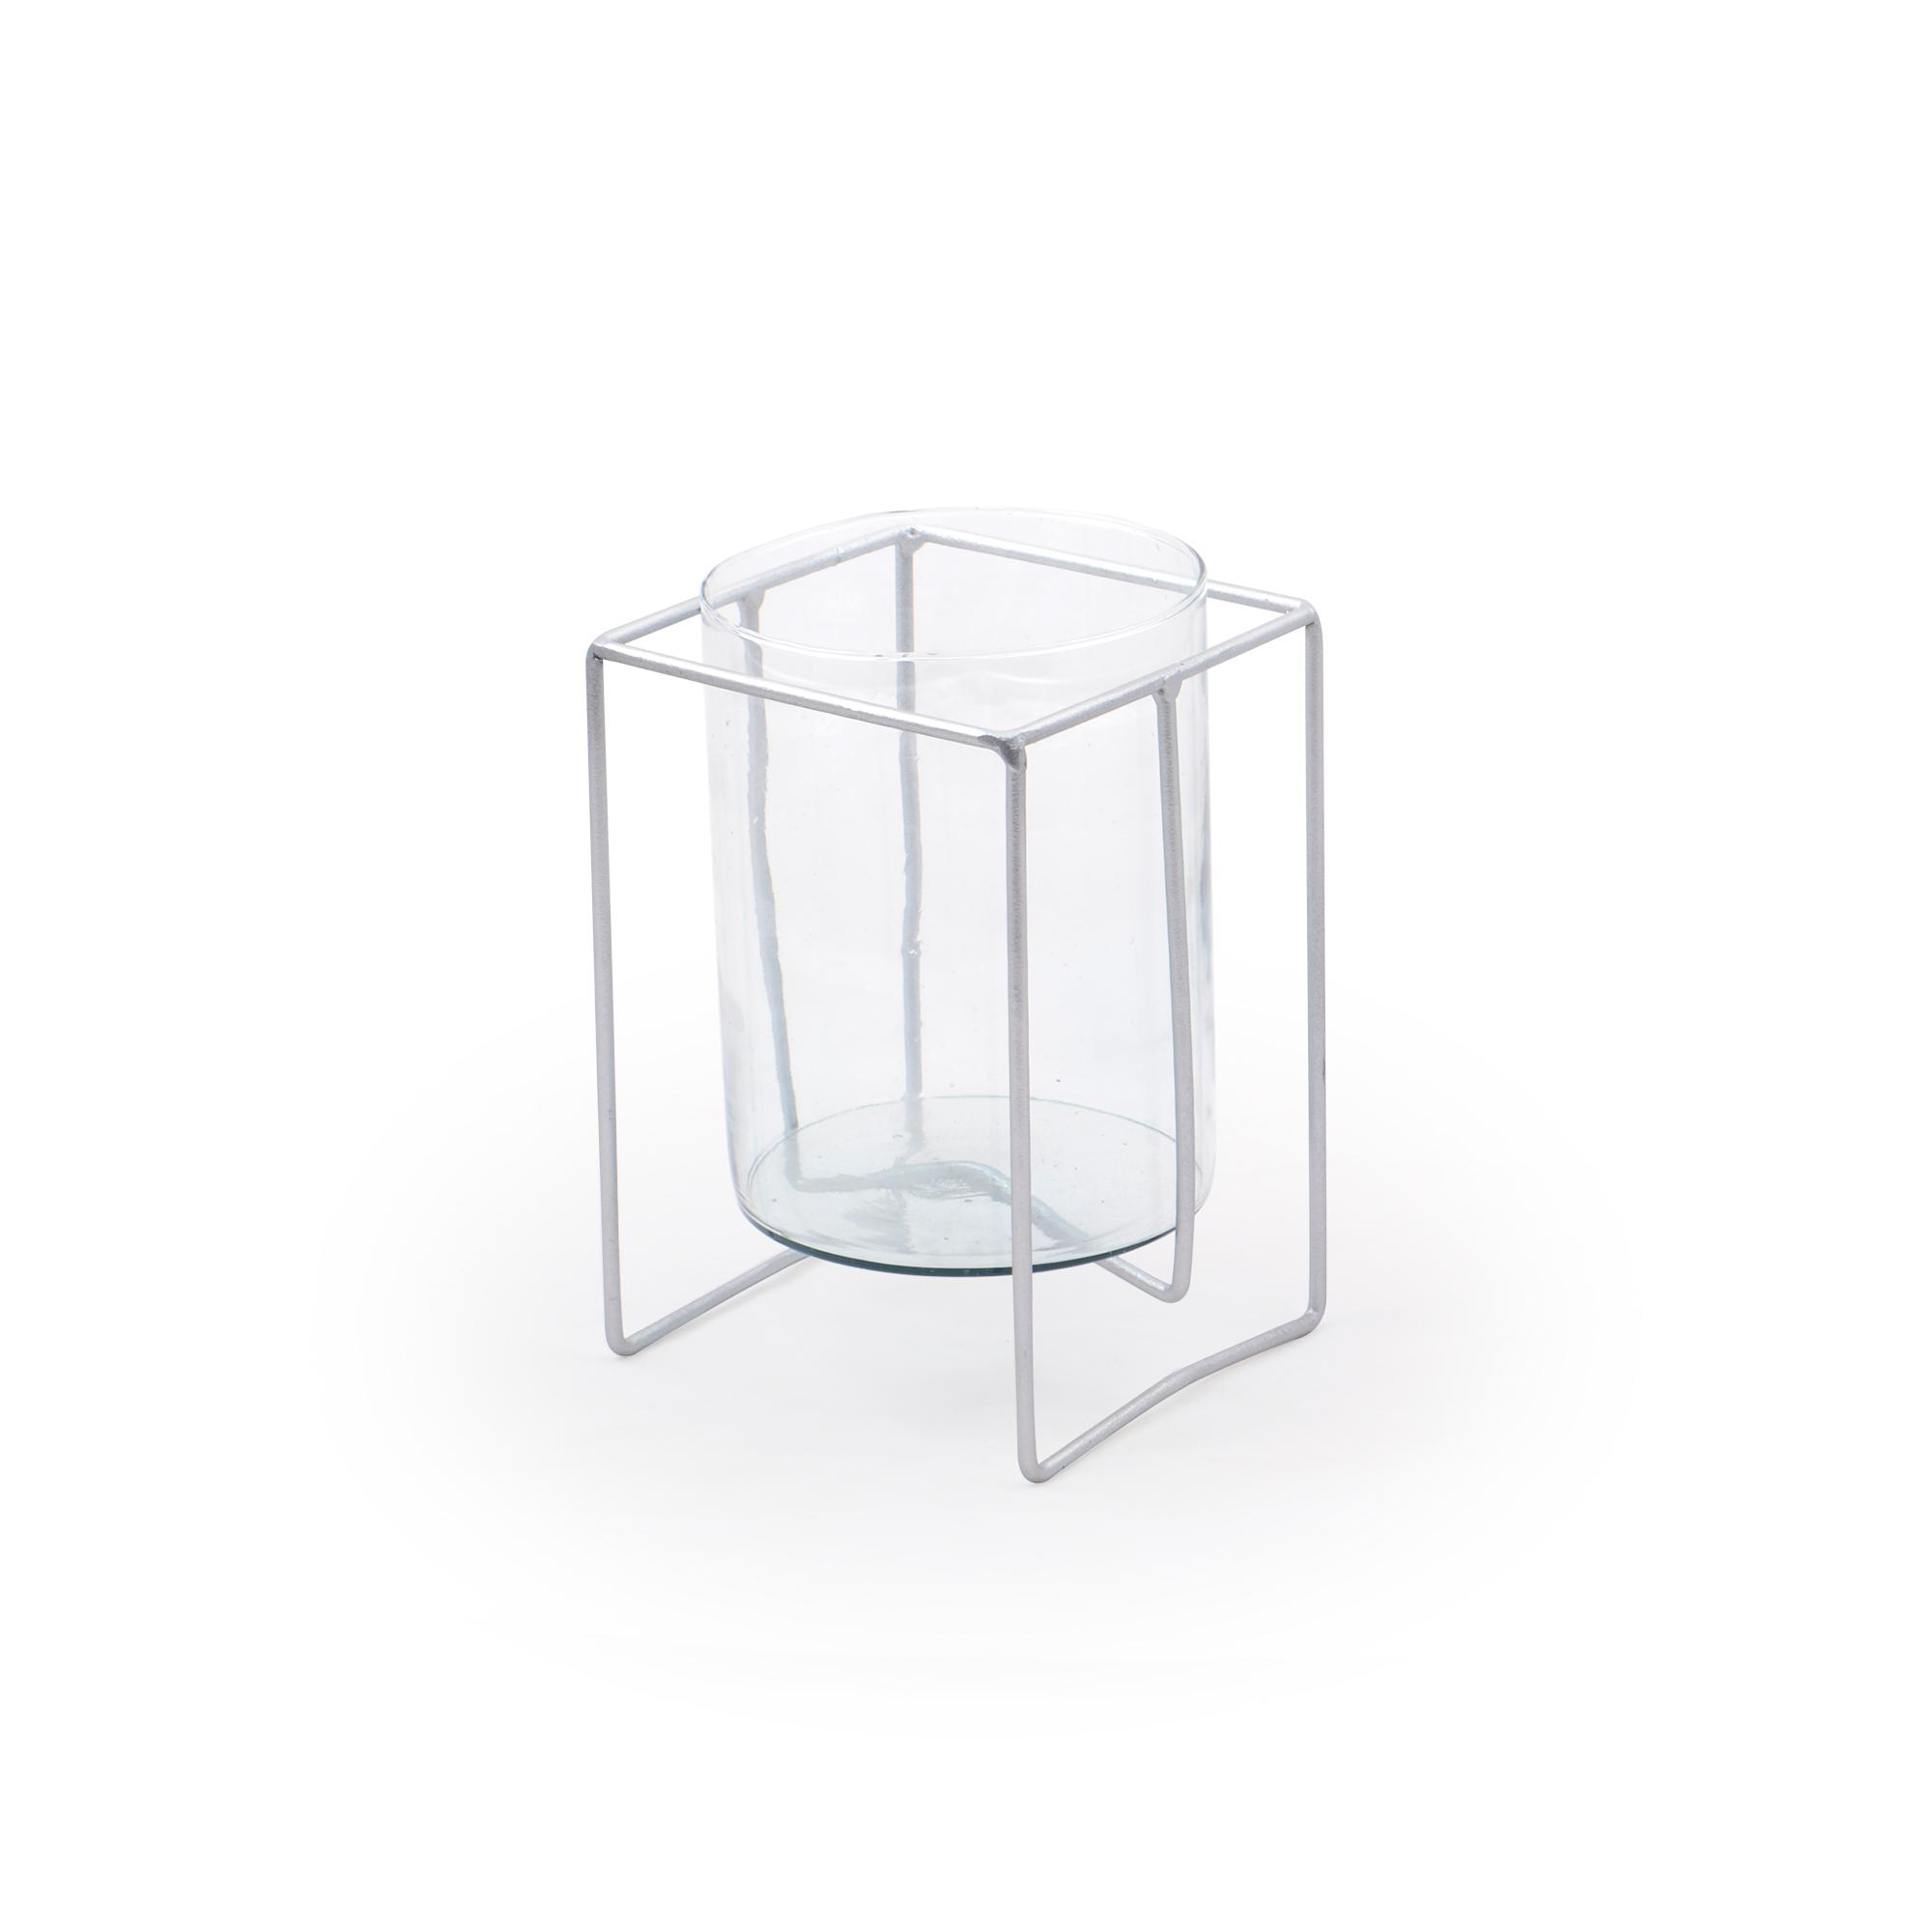 Vaso de vidro Pequeno com suporte de Mesa